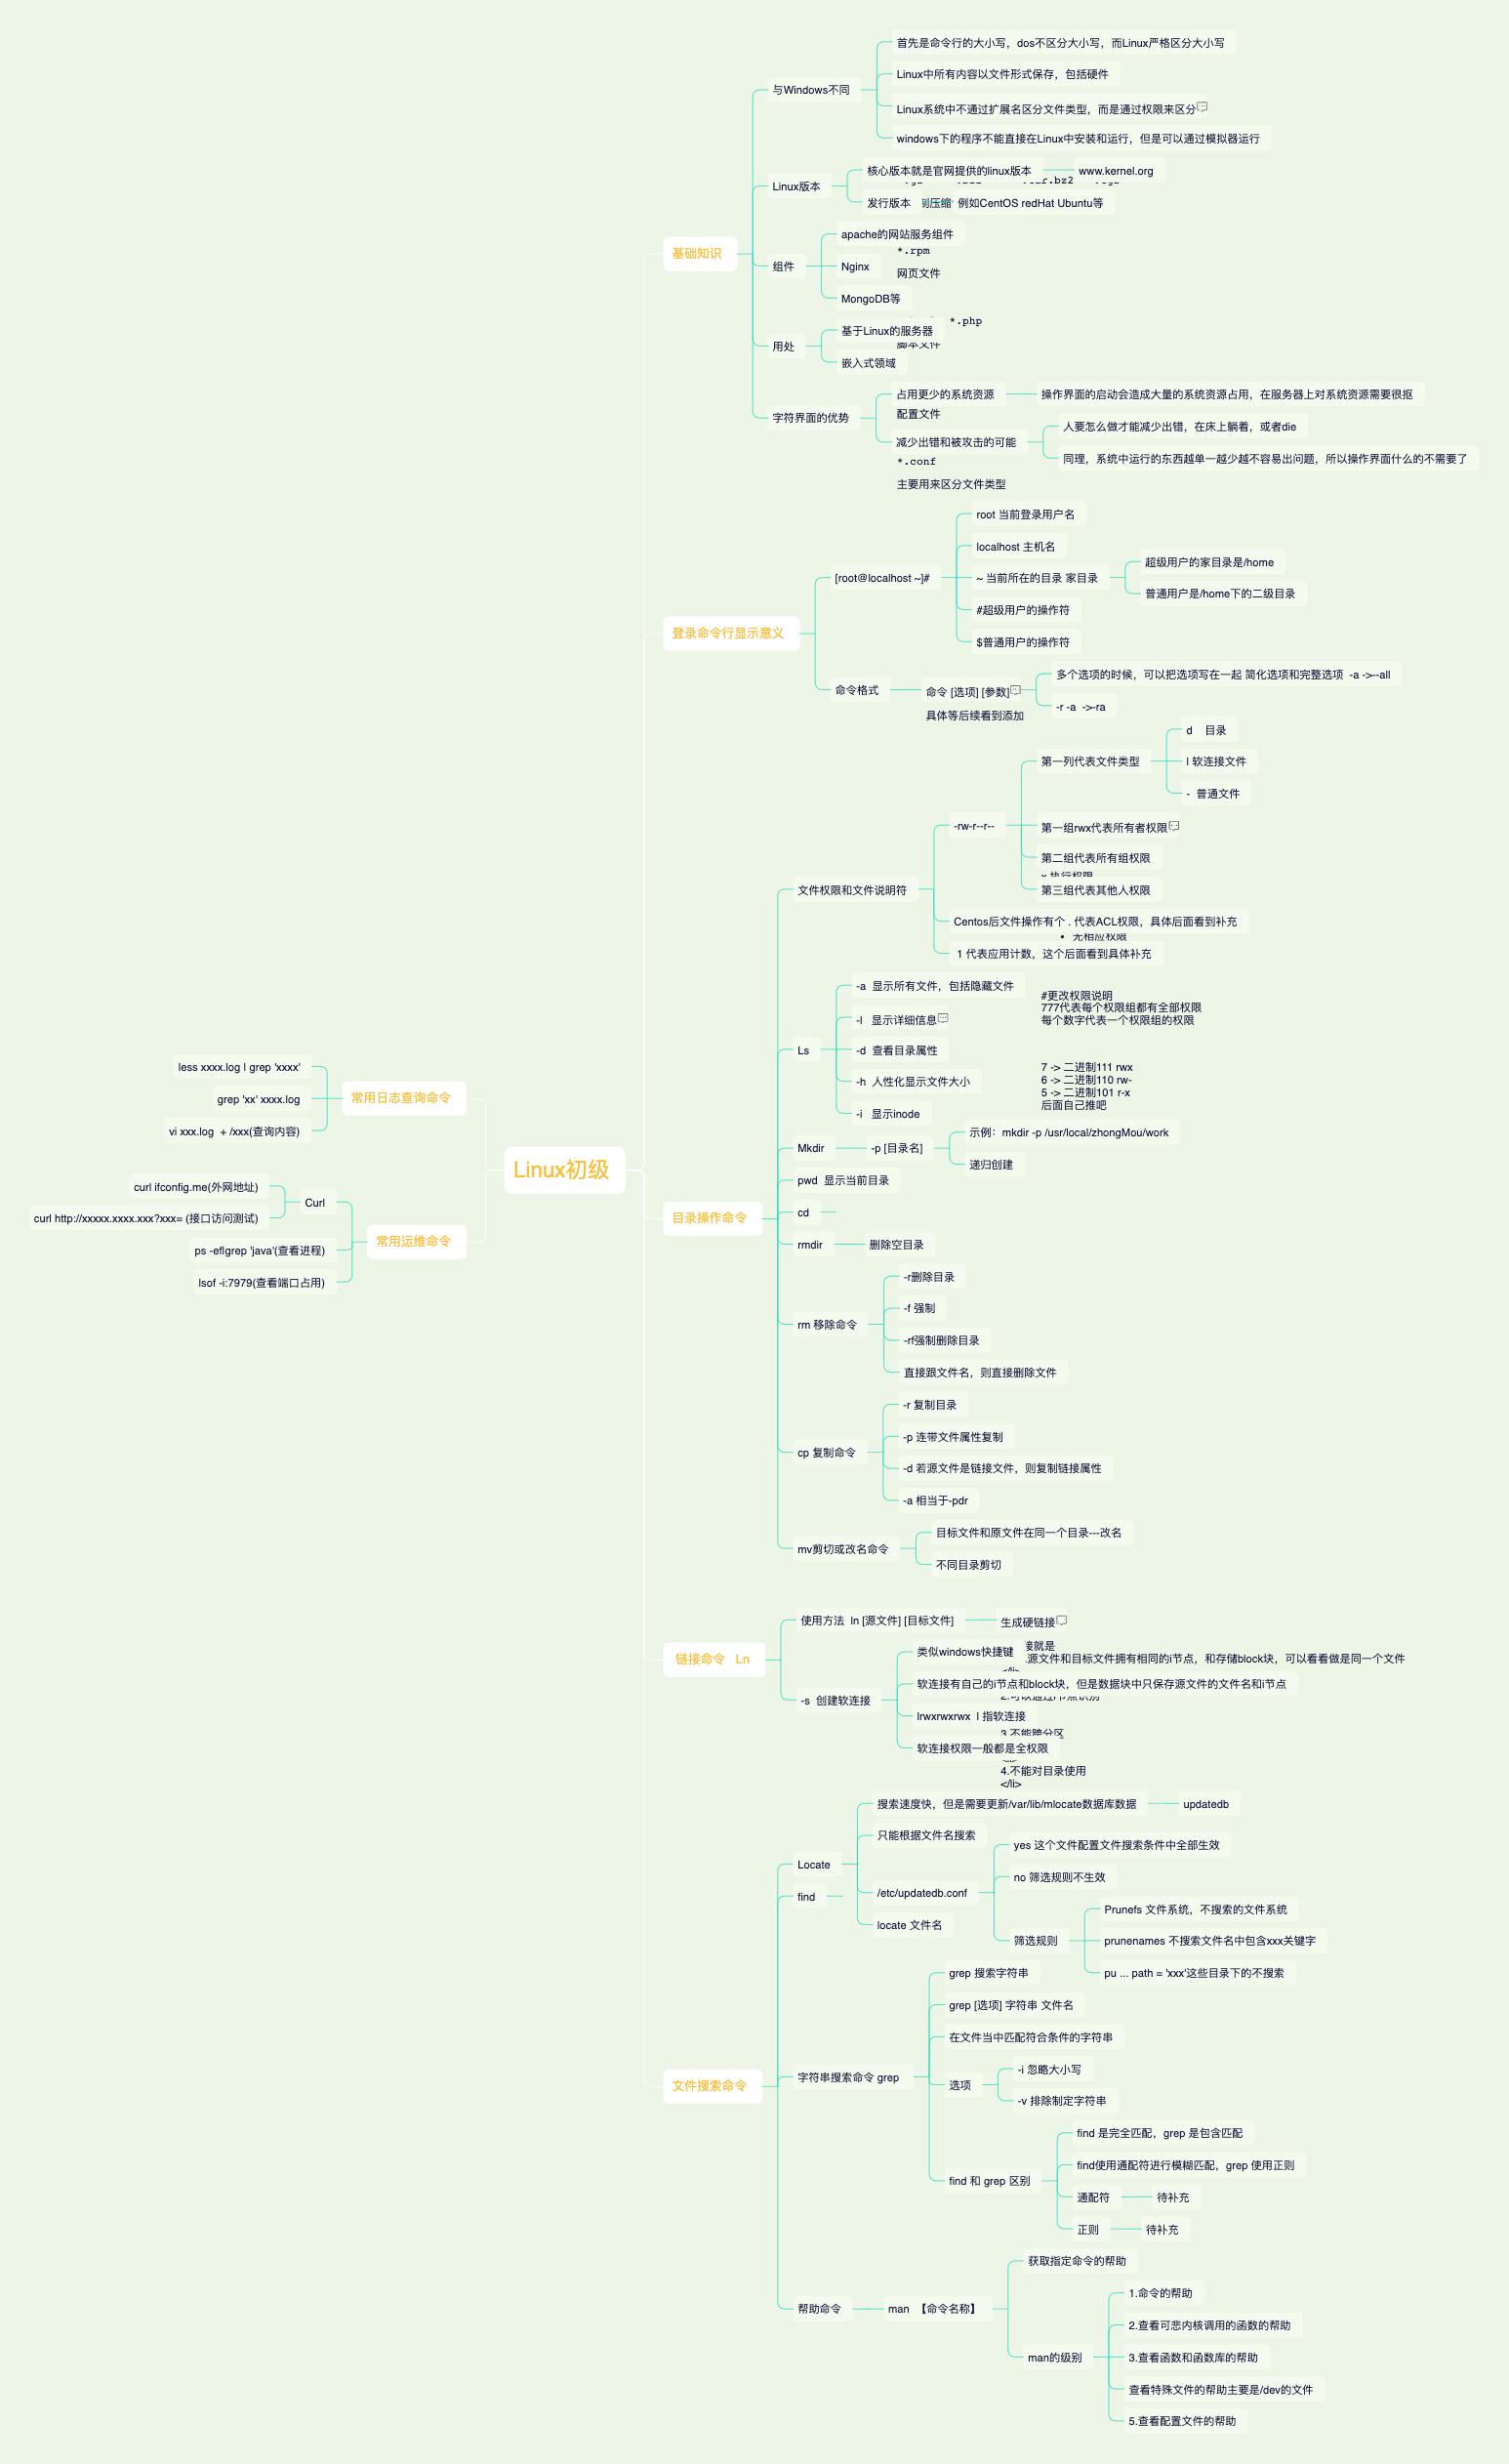 副本 Linux初级之路